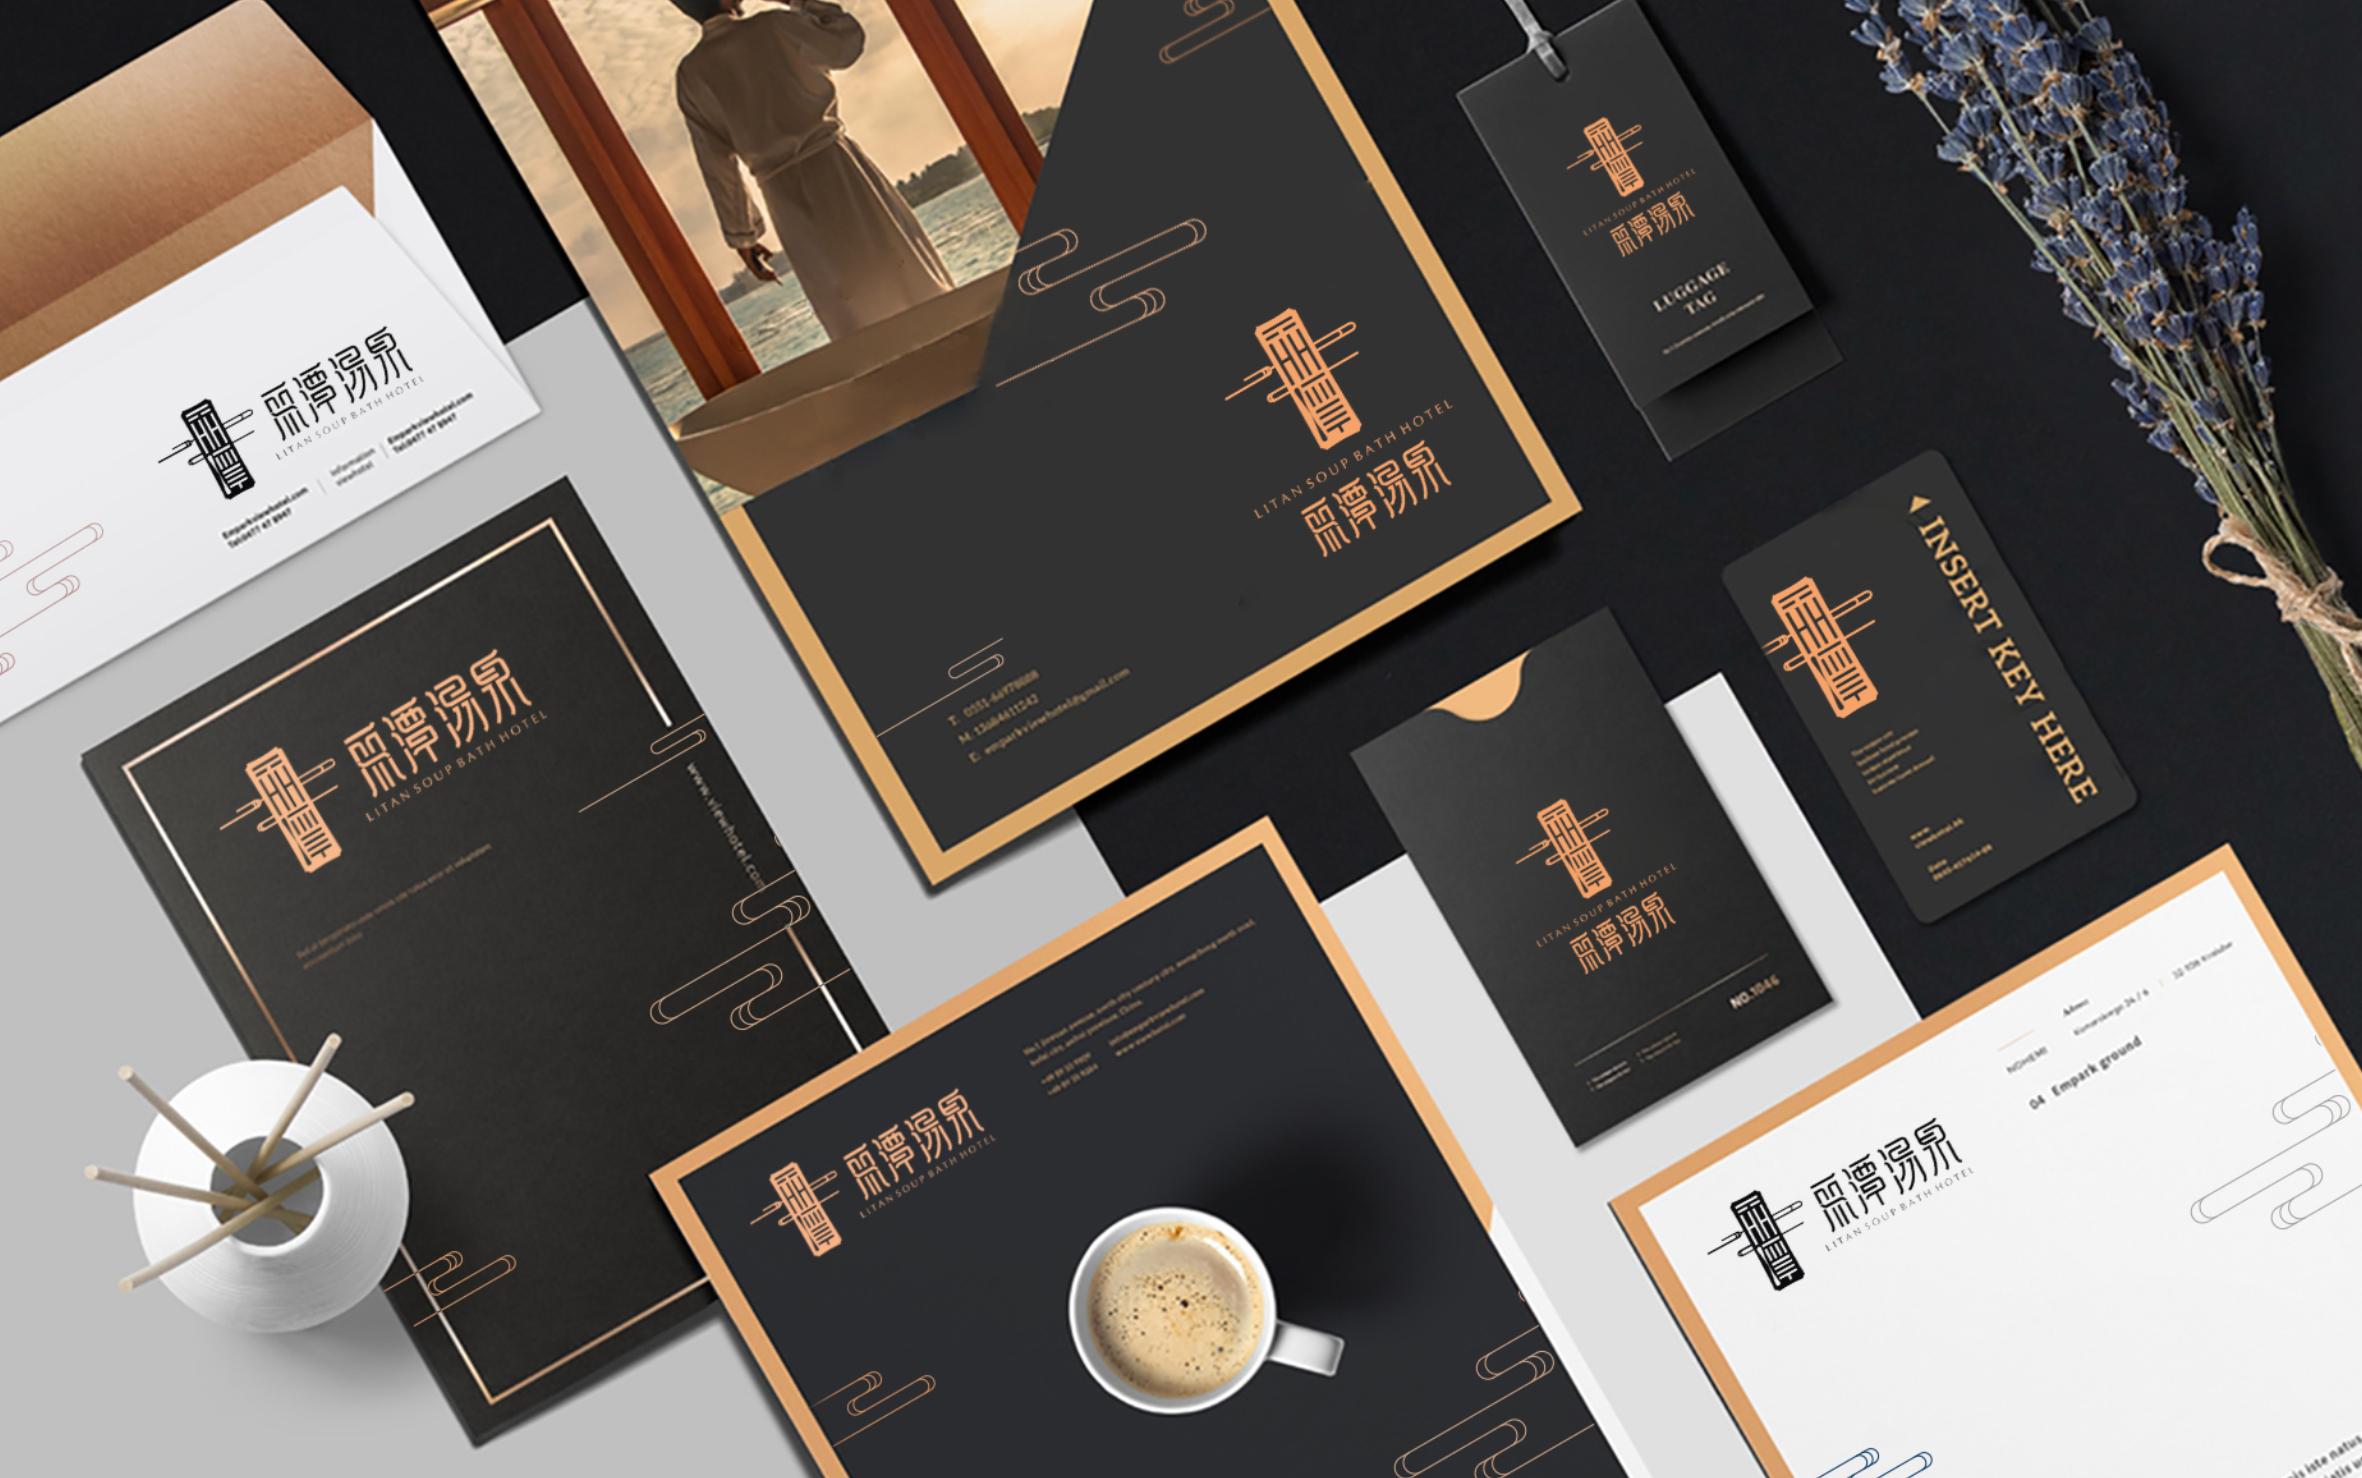 【墨家】企业形象VI系统设计vi定制办公环境导视物料制作手册